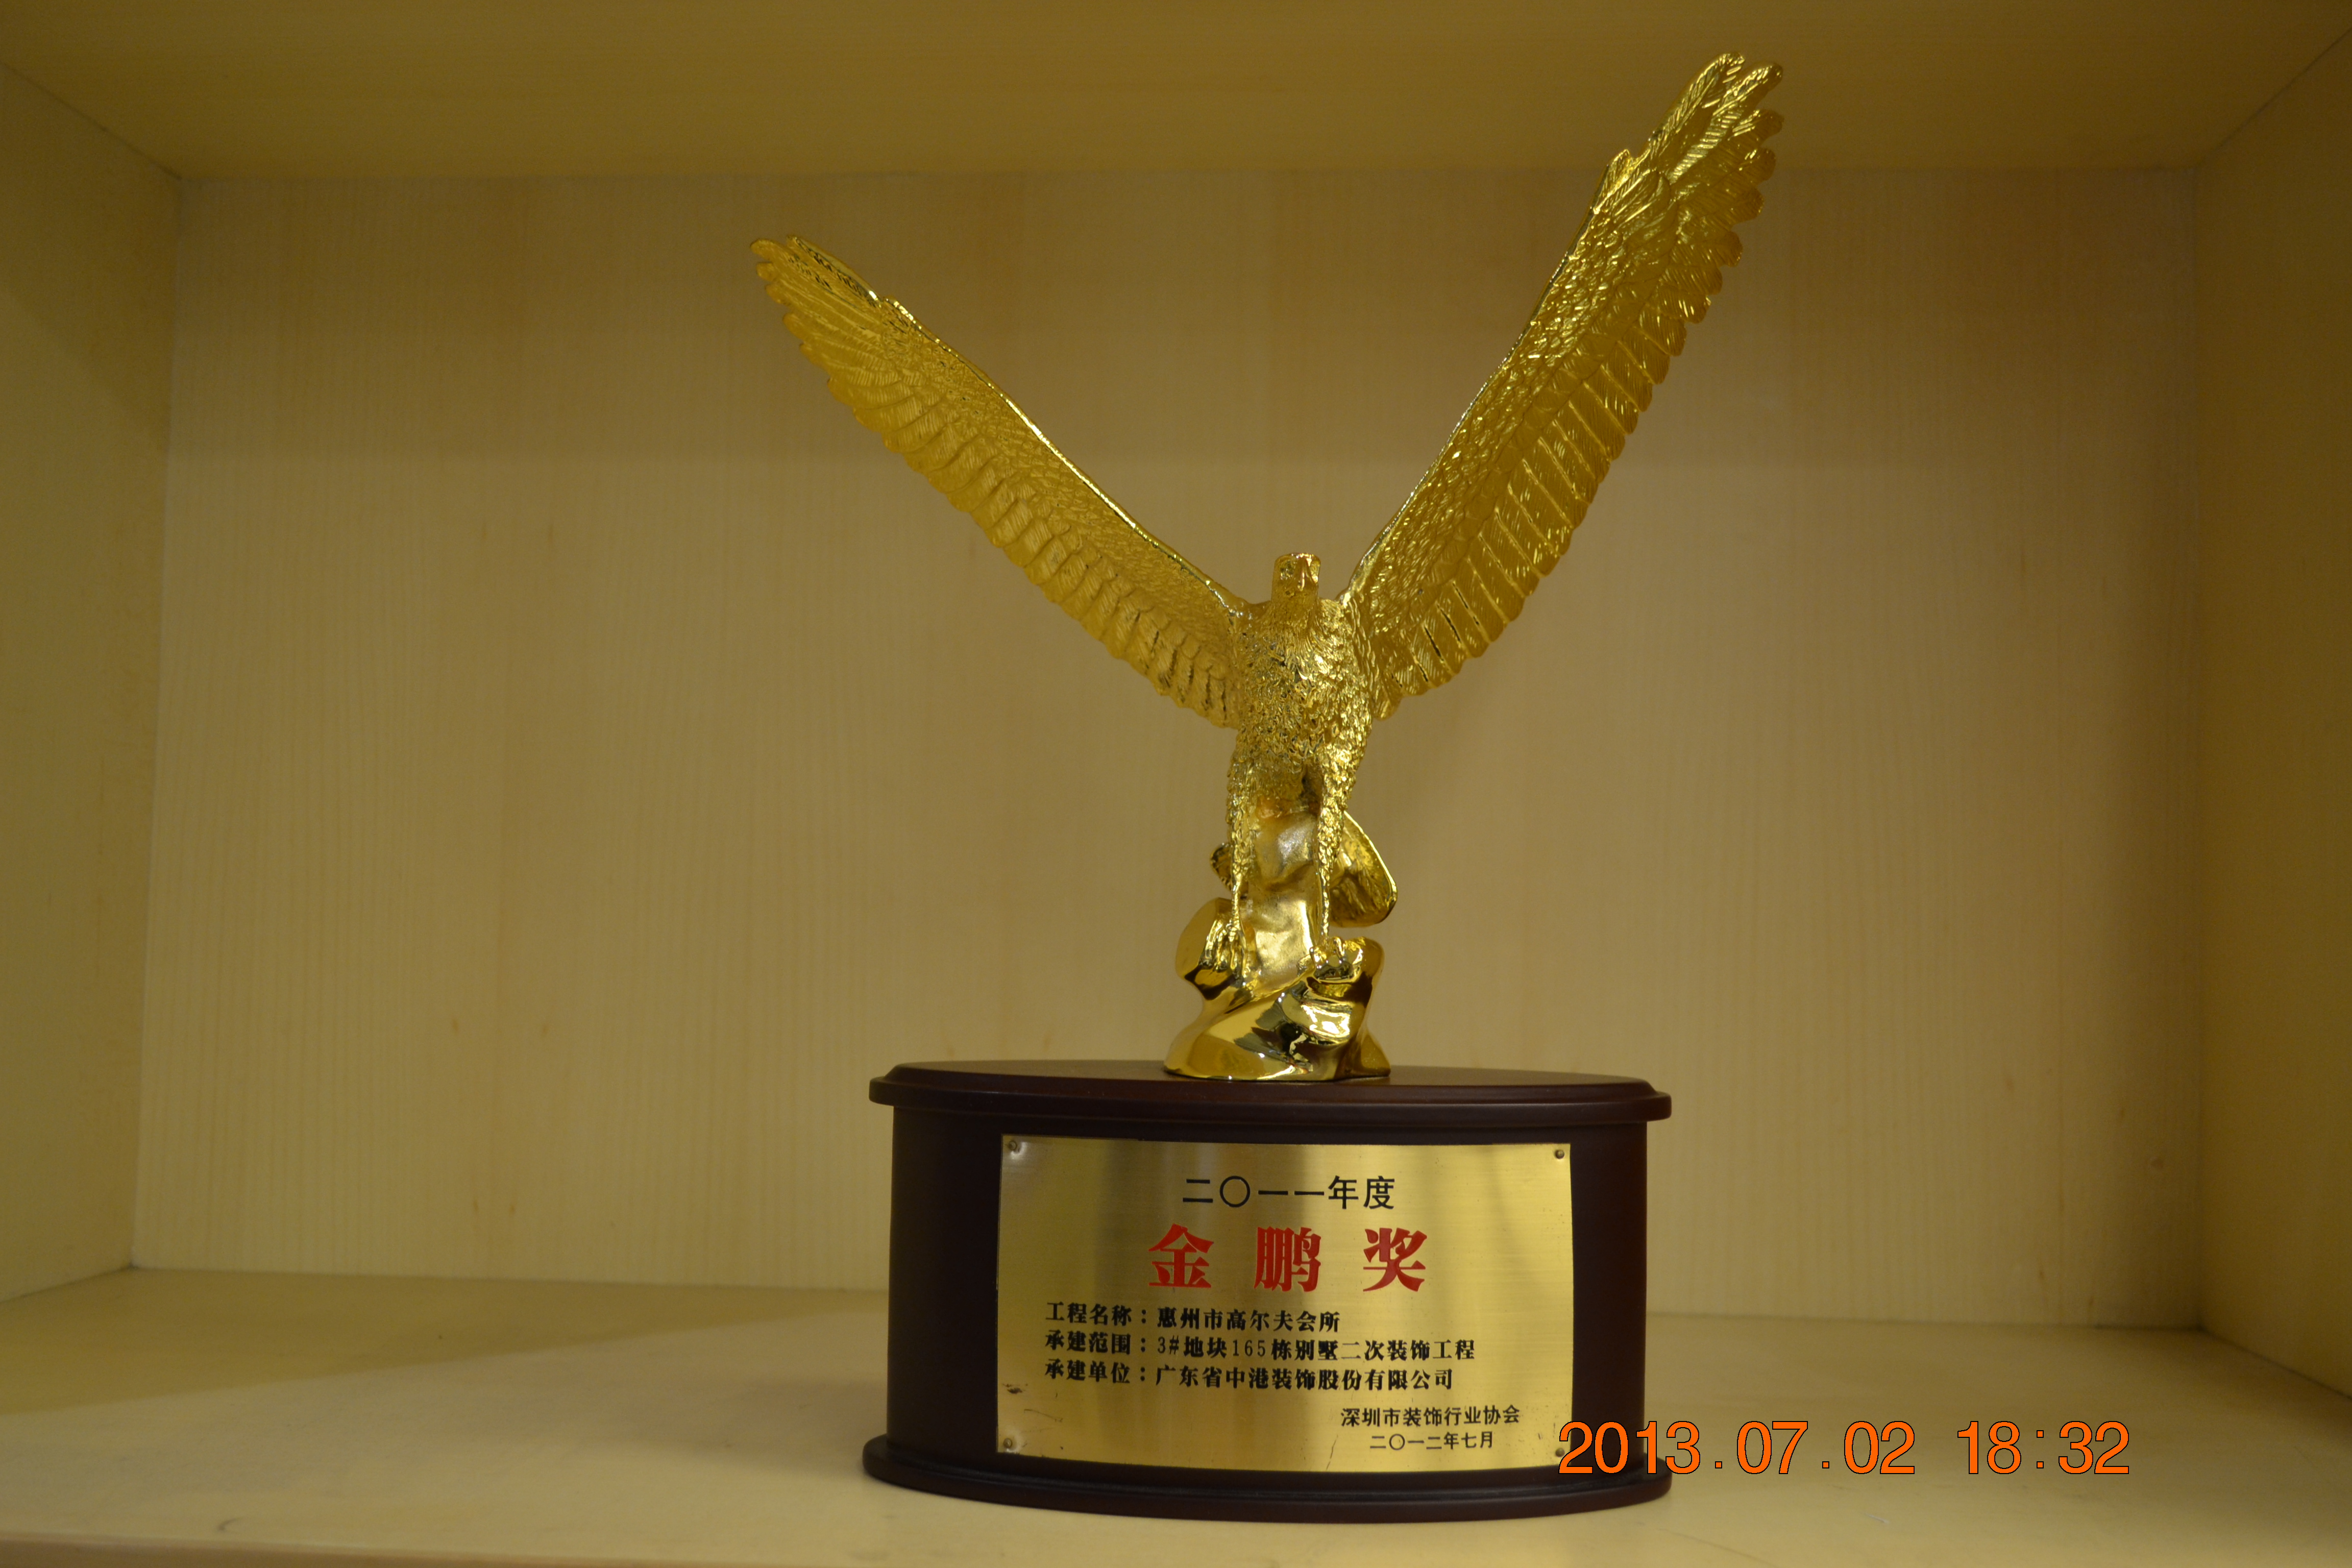 金鵬(peng)獎(裝飾類(lei))